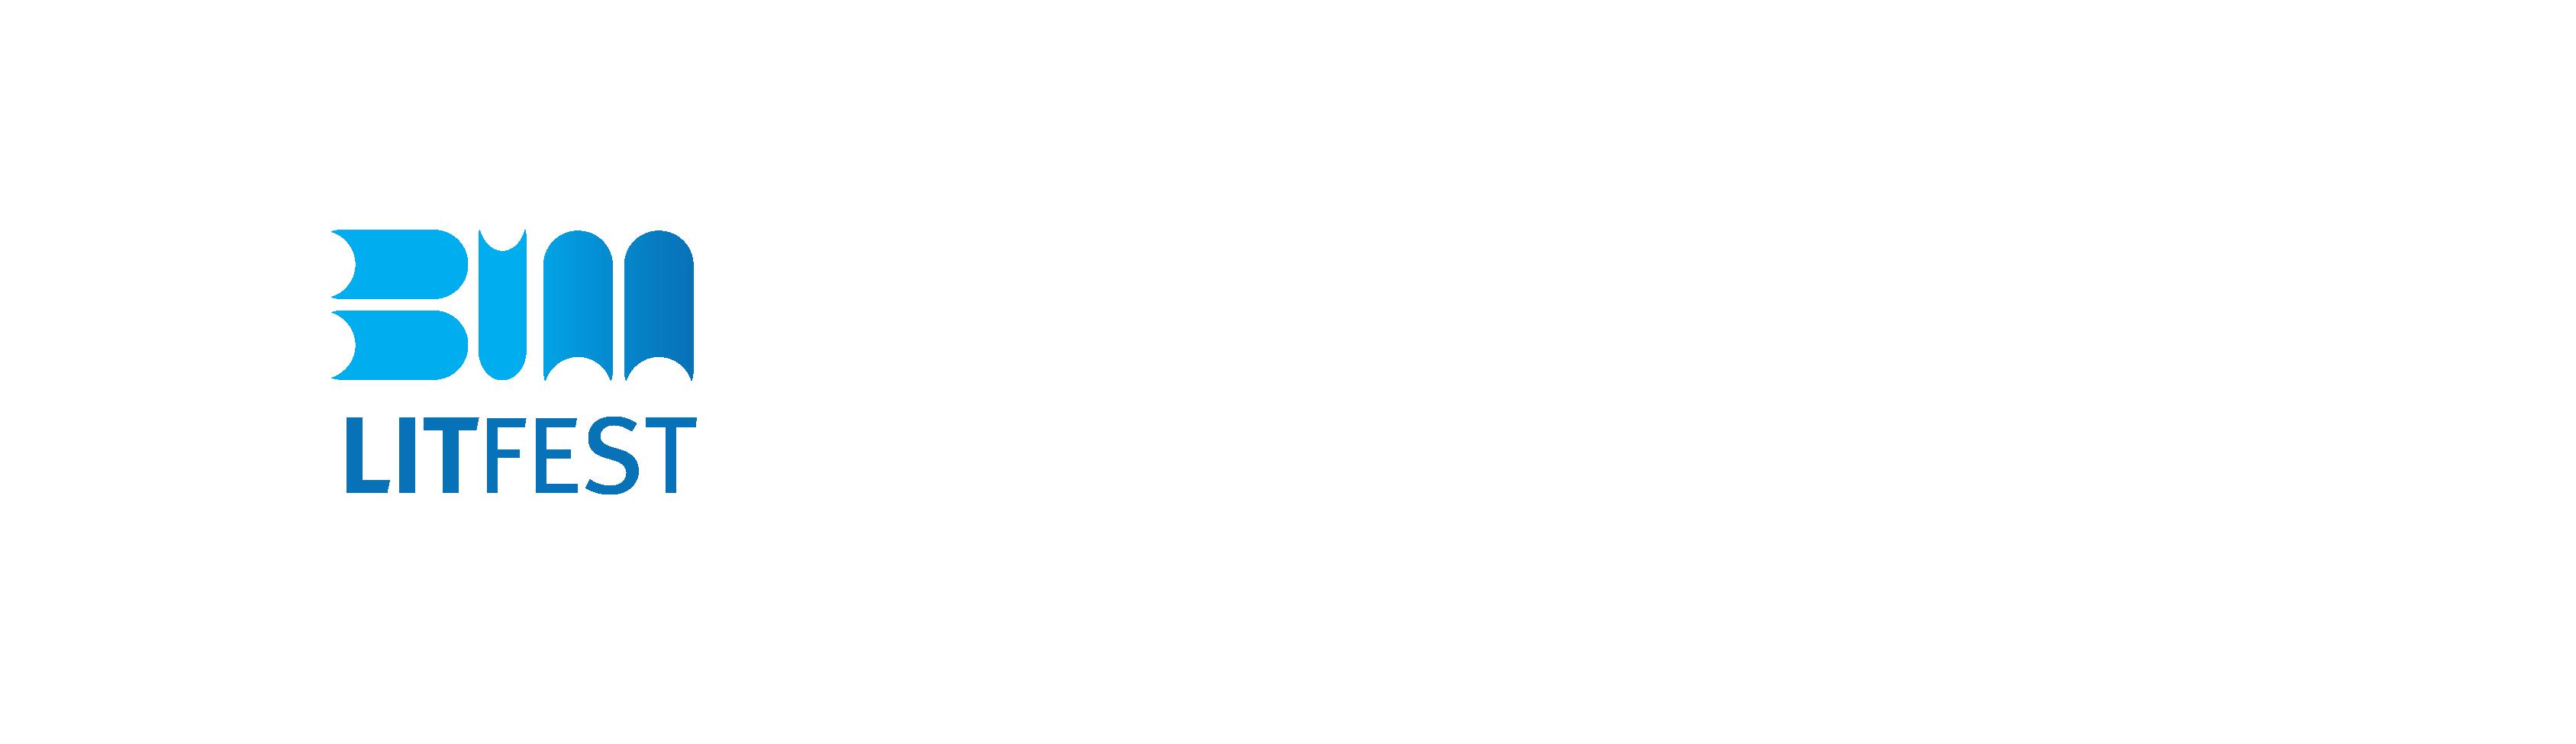 bim_litfest_logo-03.png